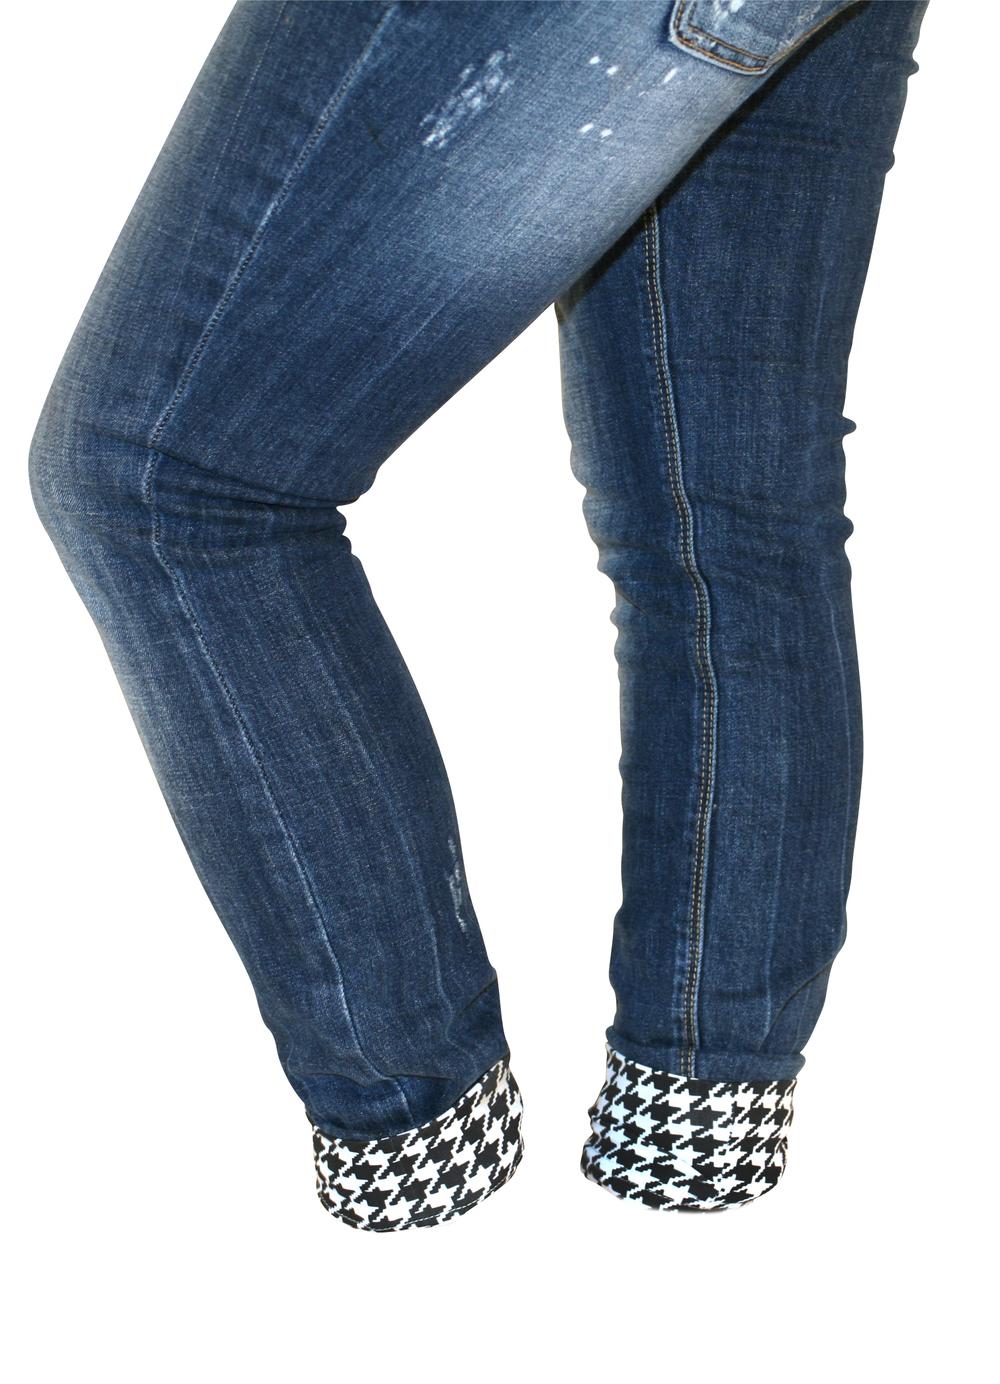 jeans and cuff bear legs.jpg